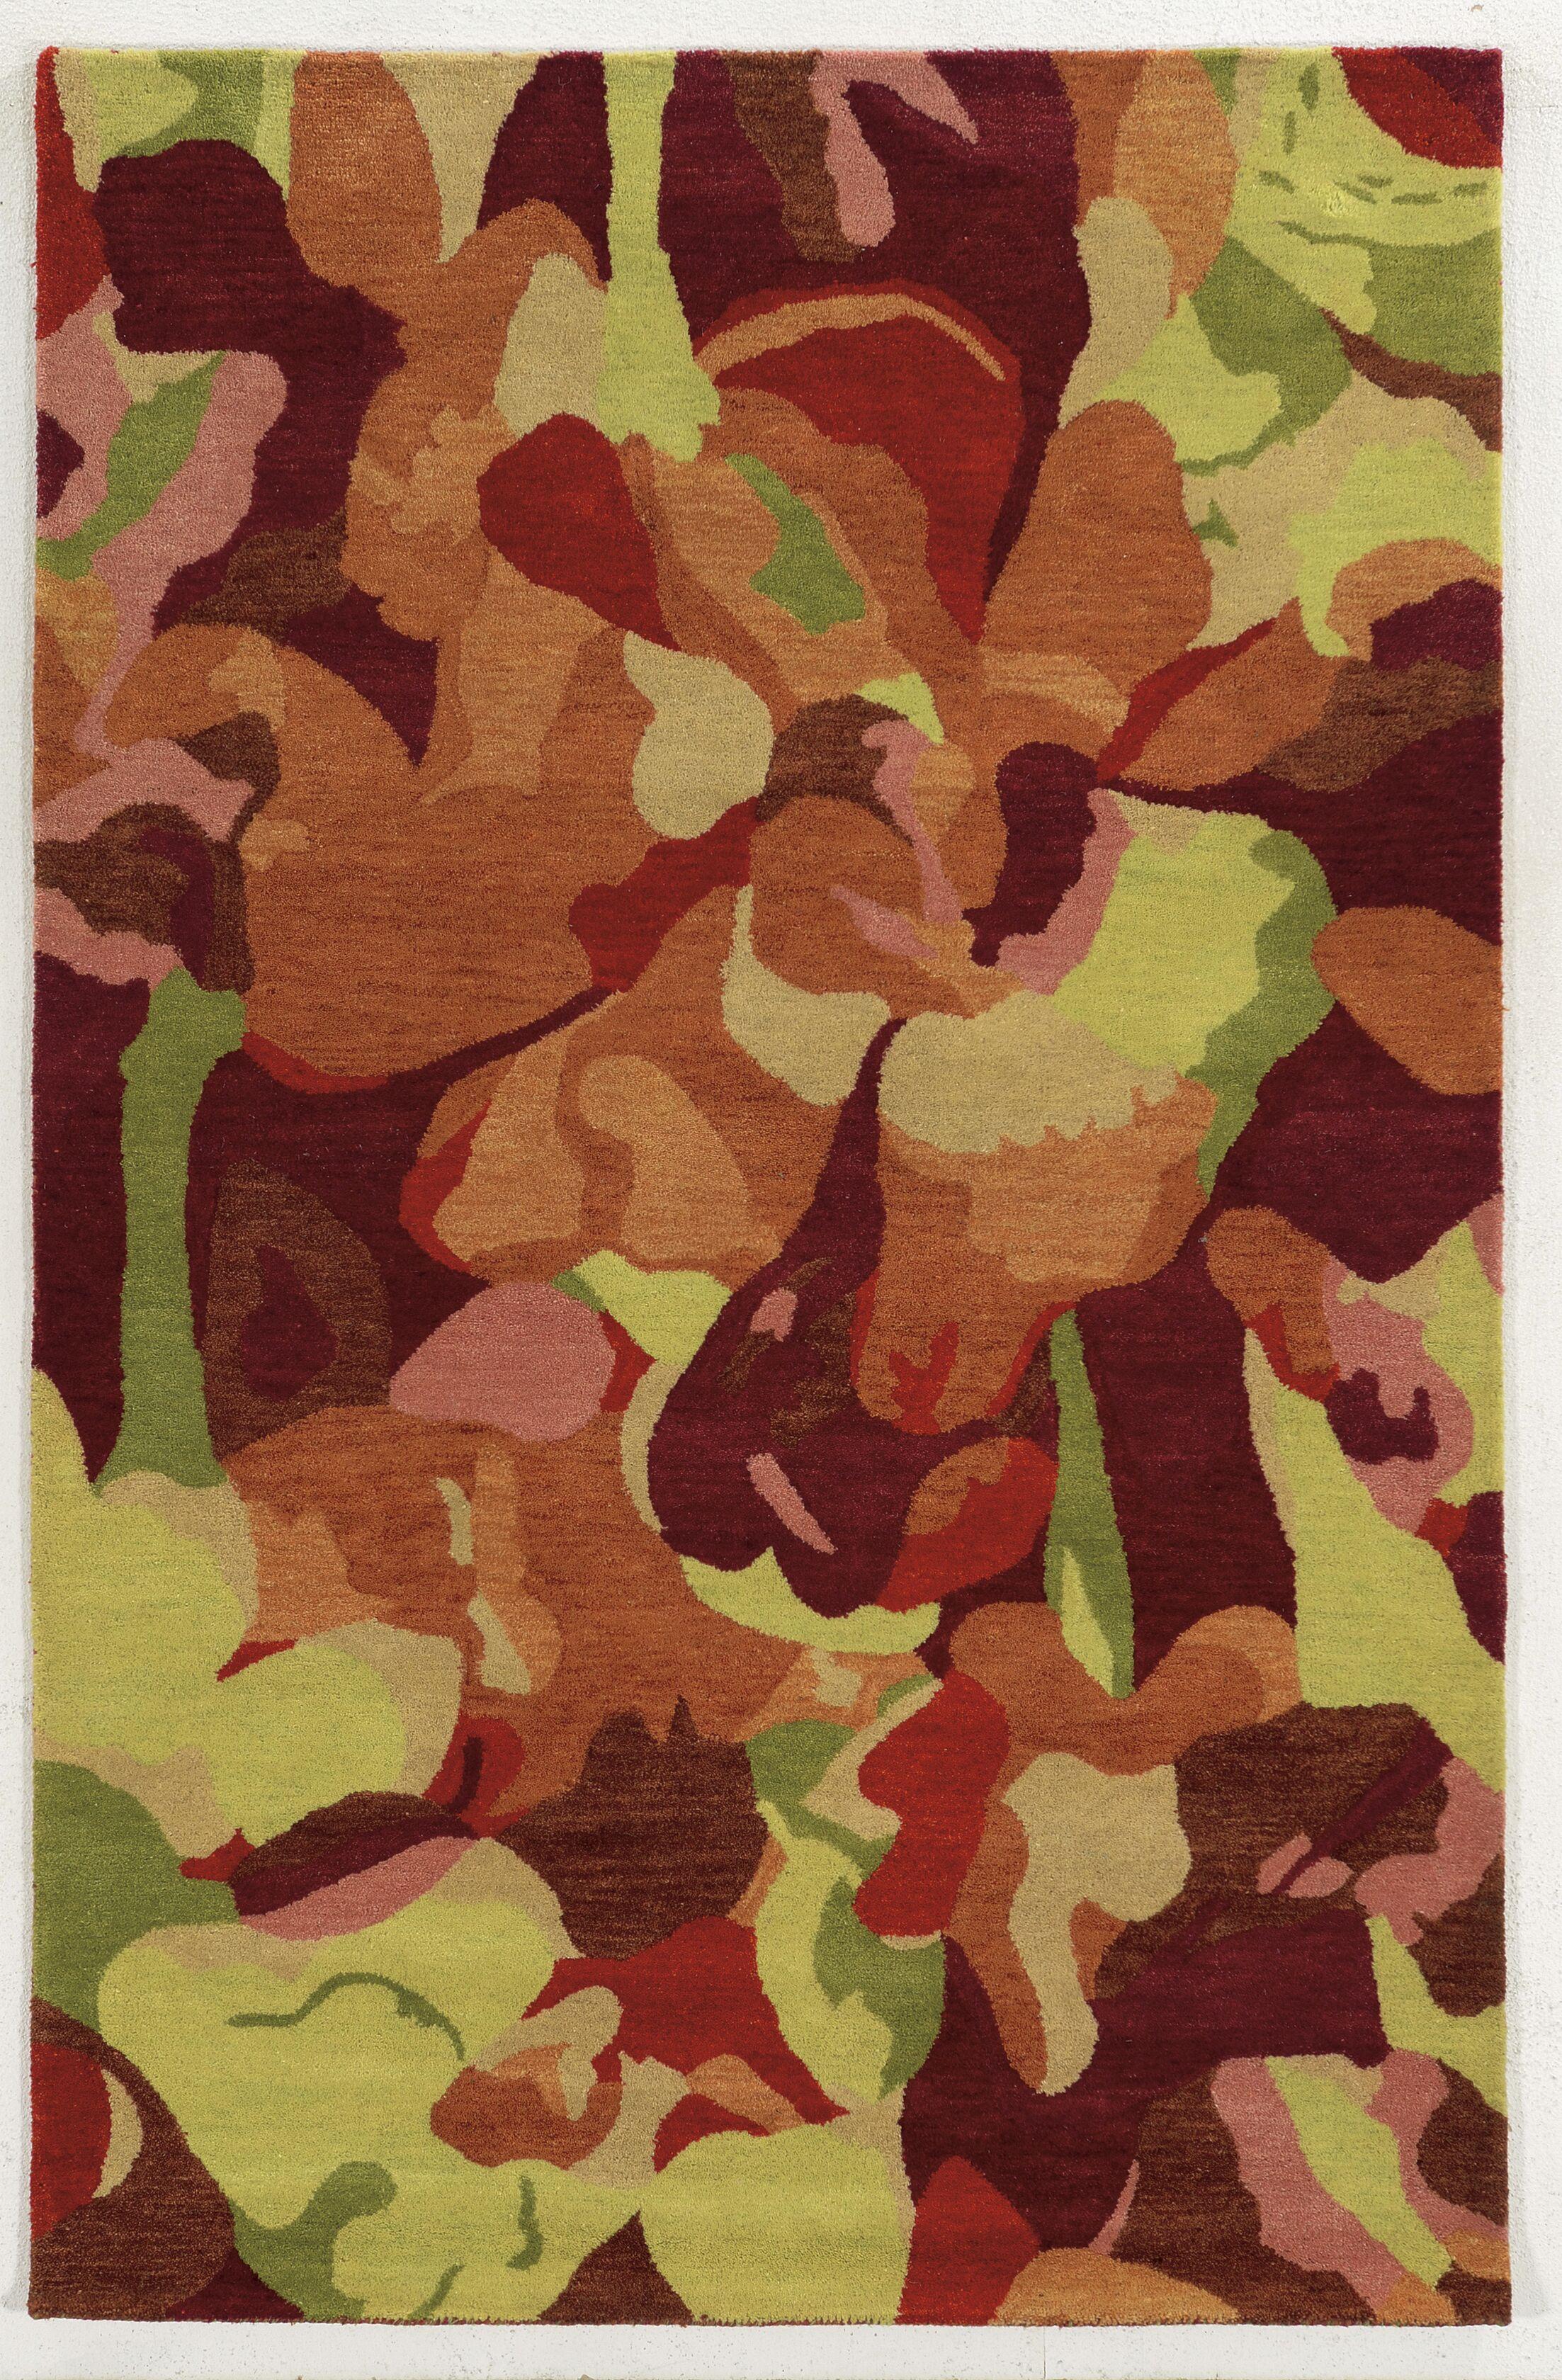 Heysham Hand-Tufted Area Rug Rug Size: Rectangle 2' x 3'